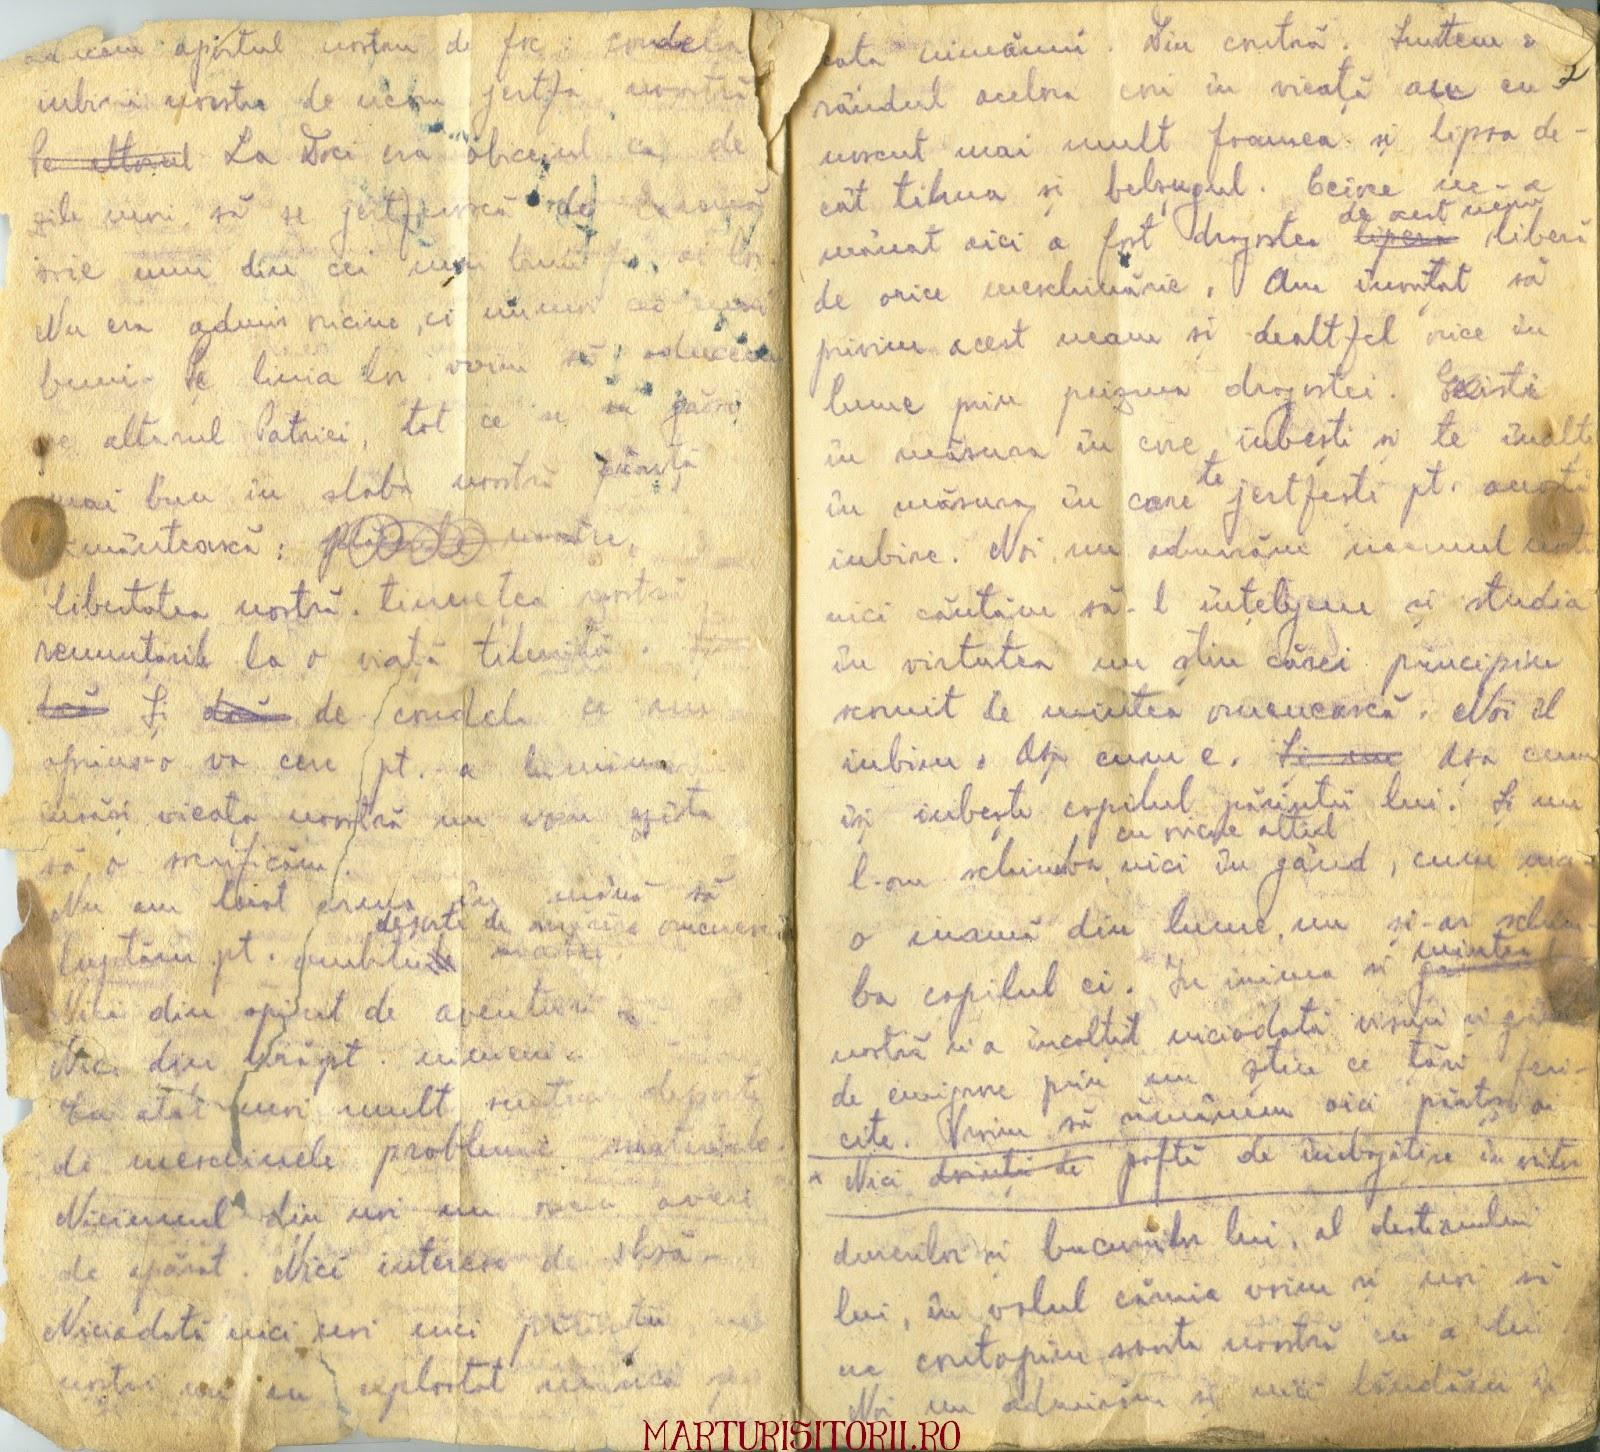 Testamentul Grupului Carpatin Fagarasan Ogoranu 2 - Manuscris CNSAS Marturisitorii Ro